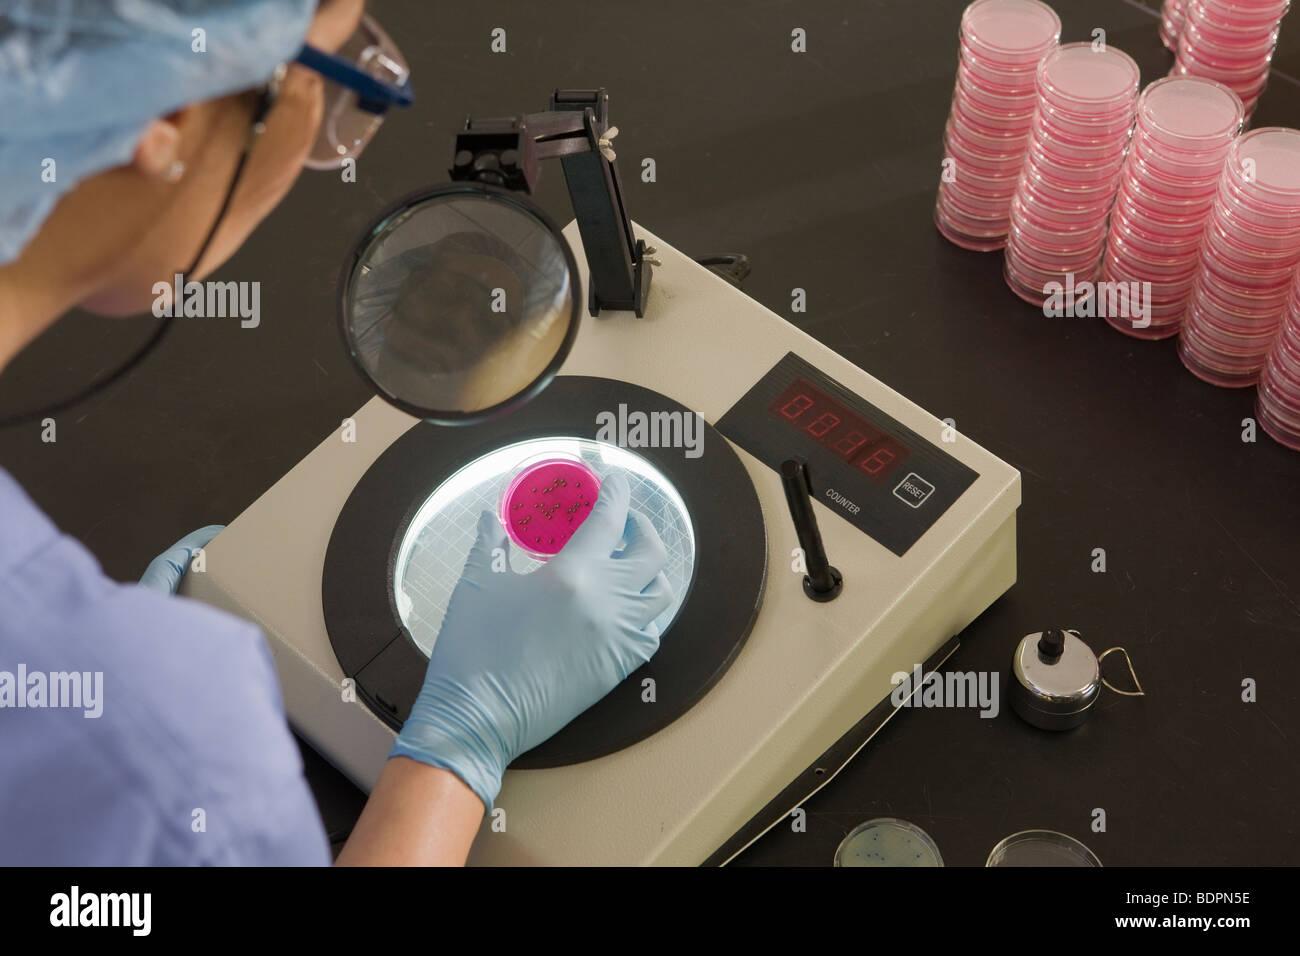 L'examen scientifique des colonies de bactéries dans un échantillon Banque D'Images